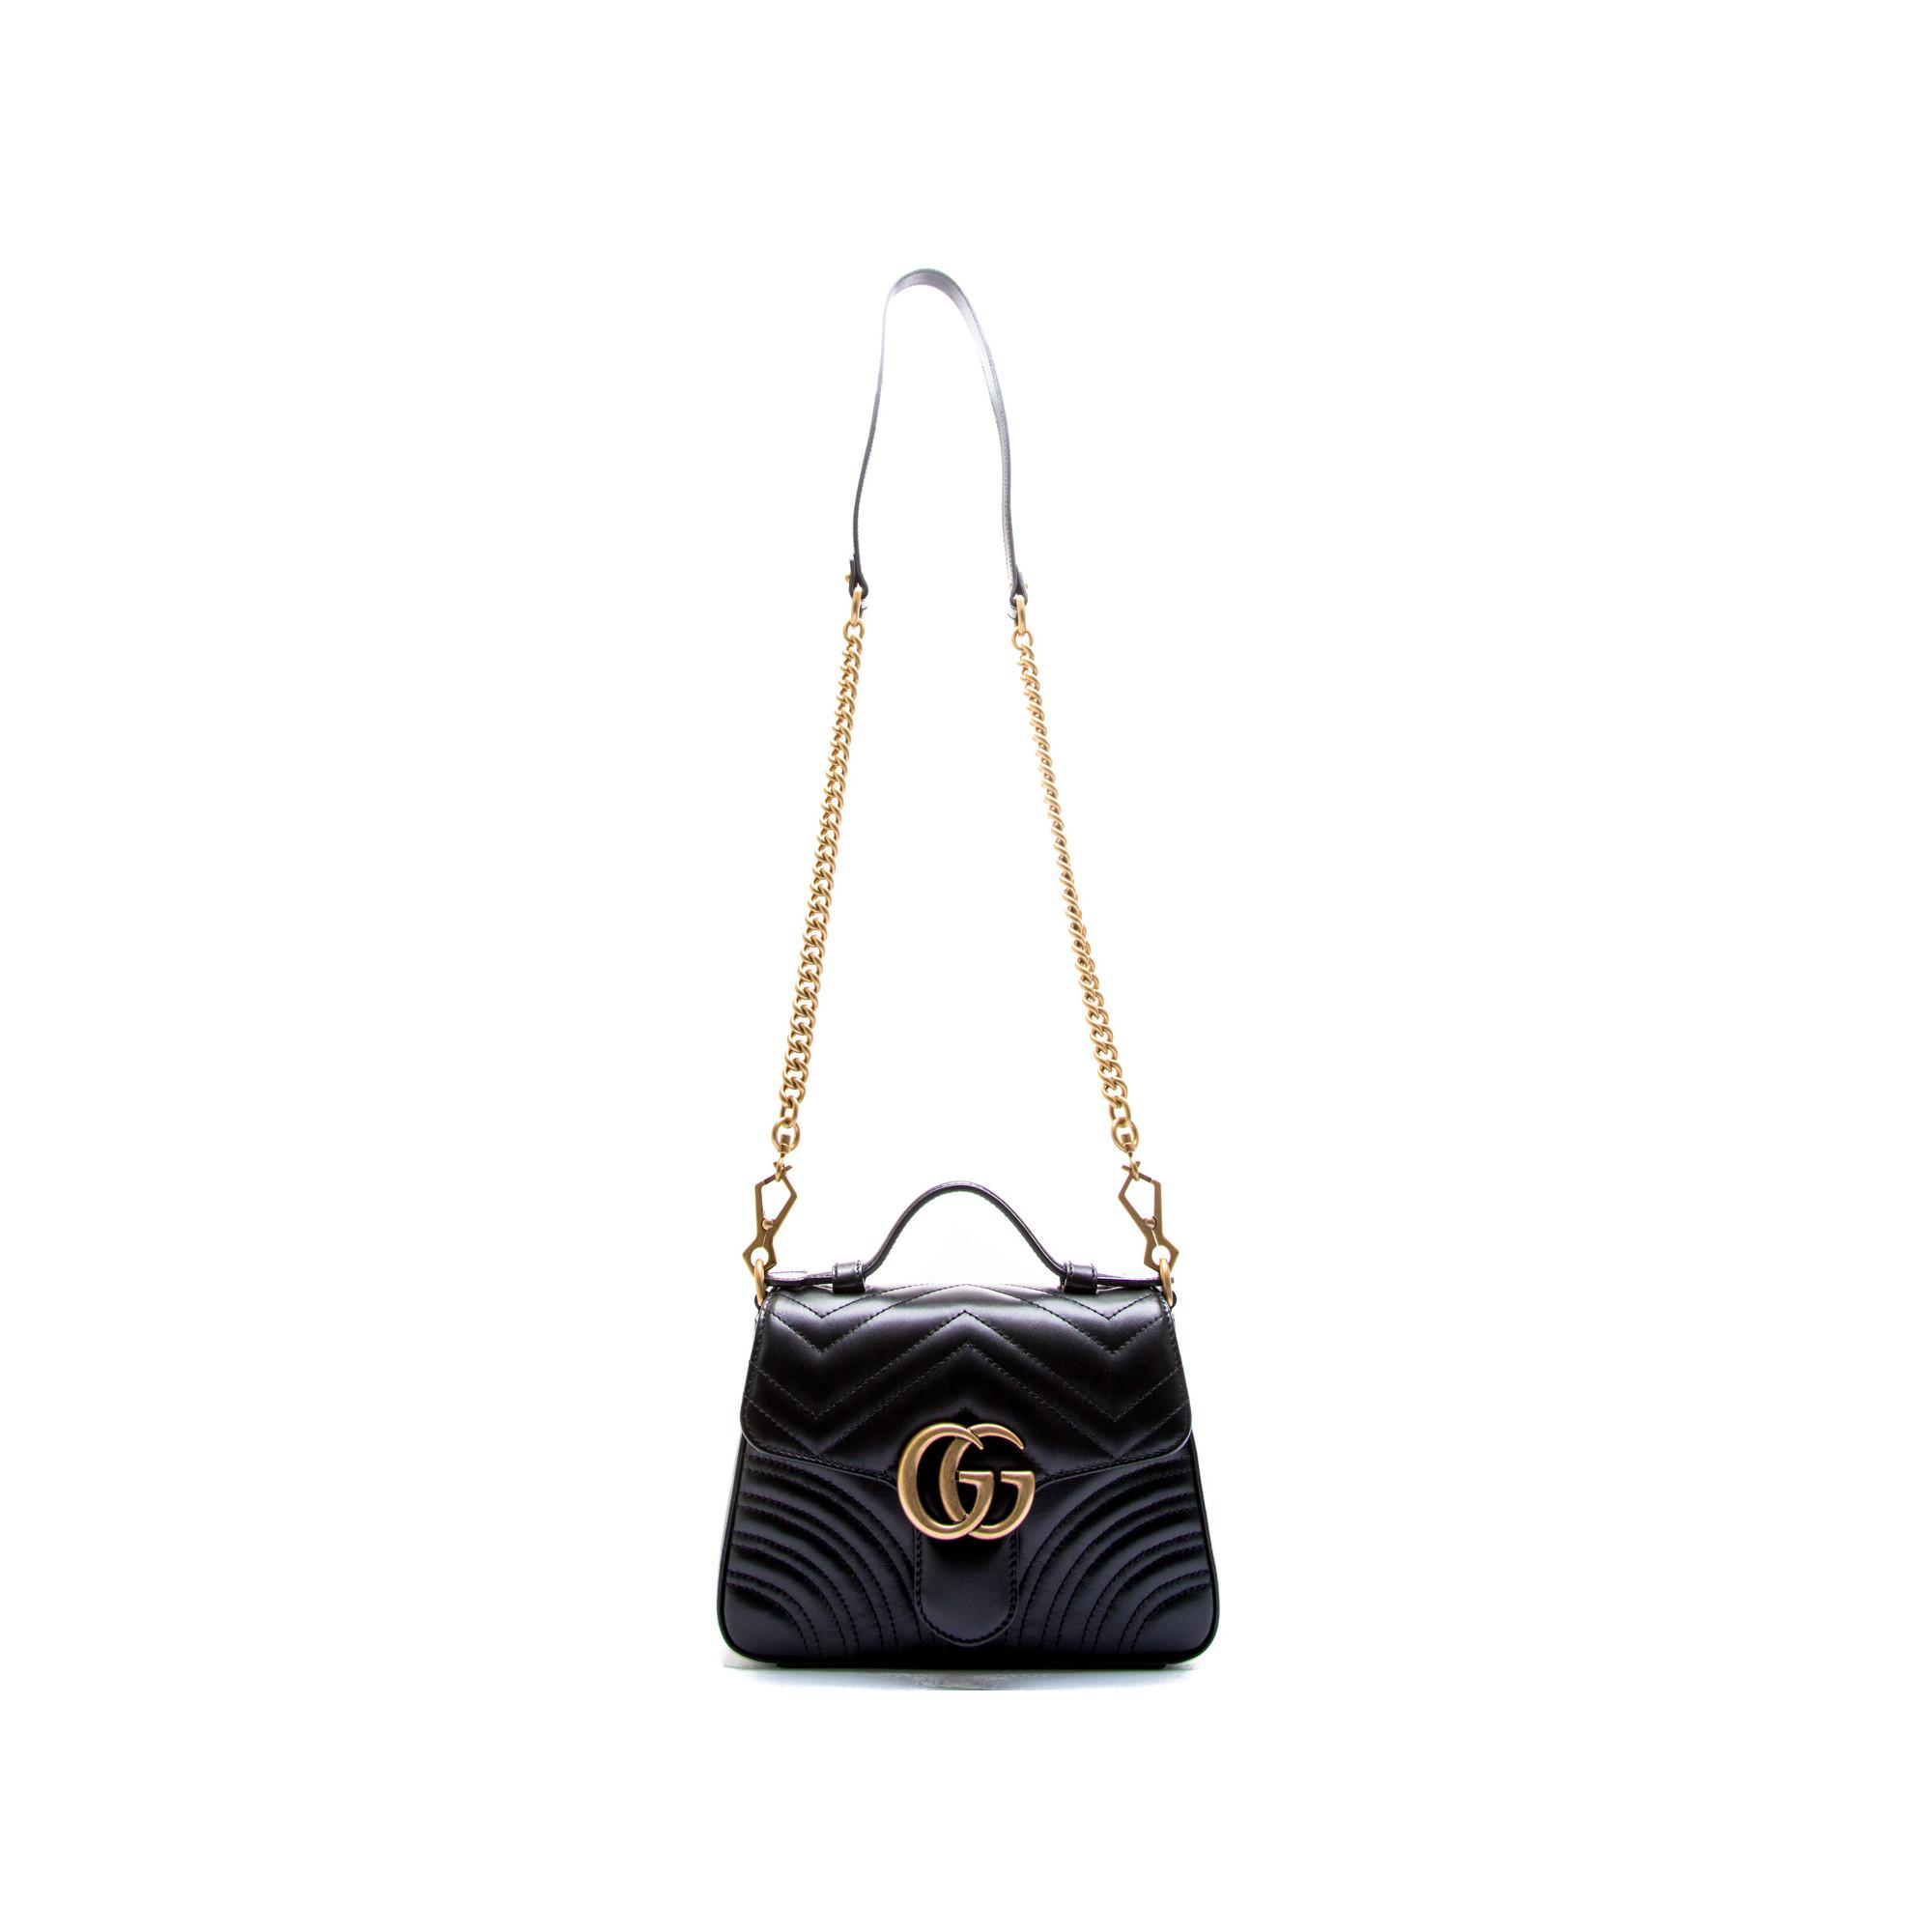 0e971e70058 Gucci handbag gg marmont black547260   dtdit   1000